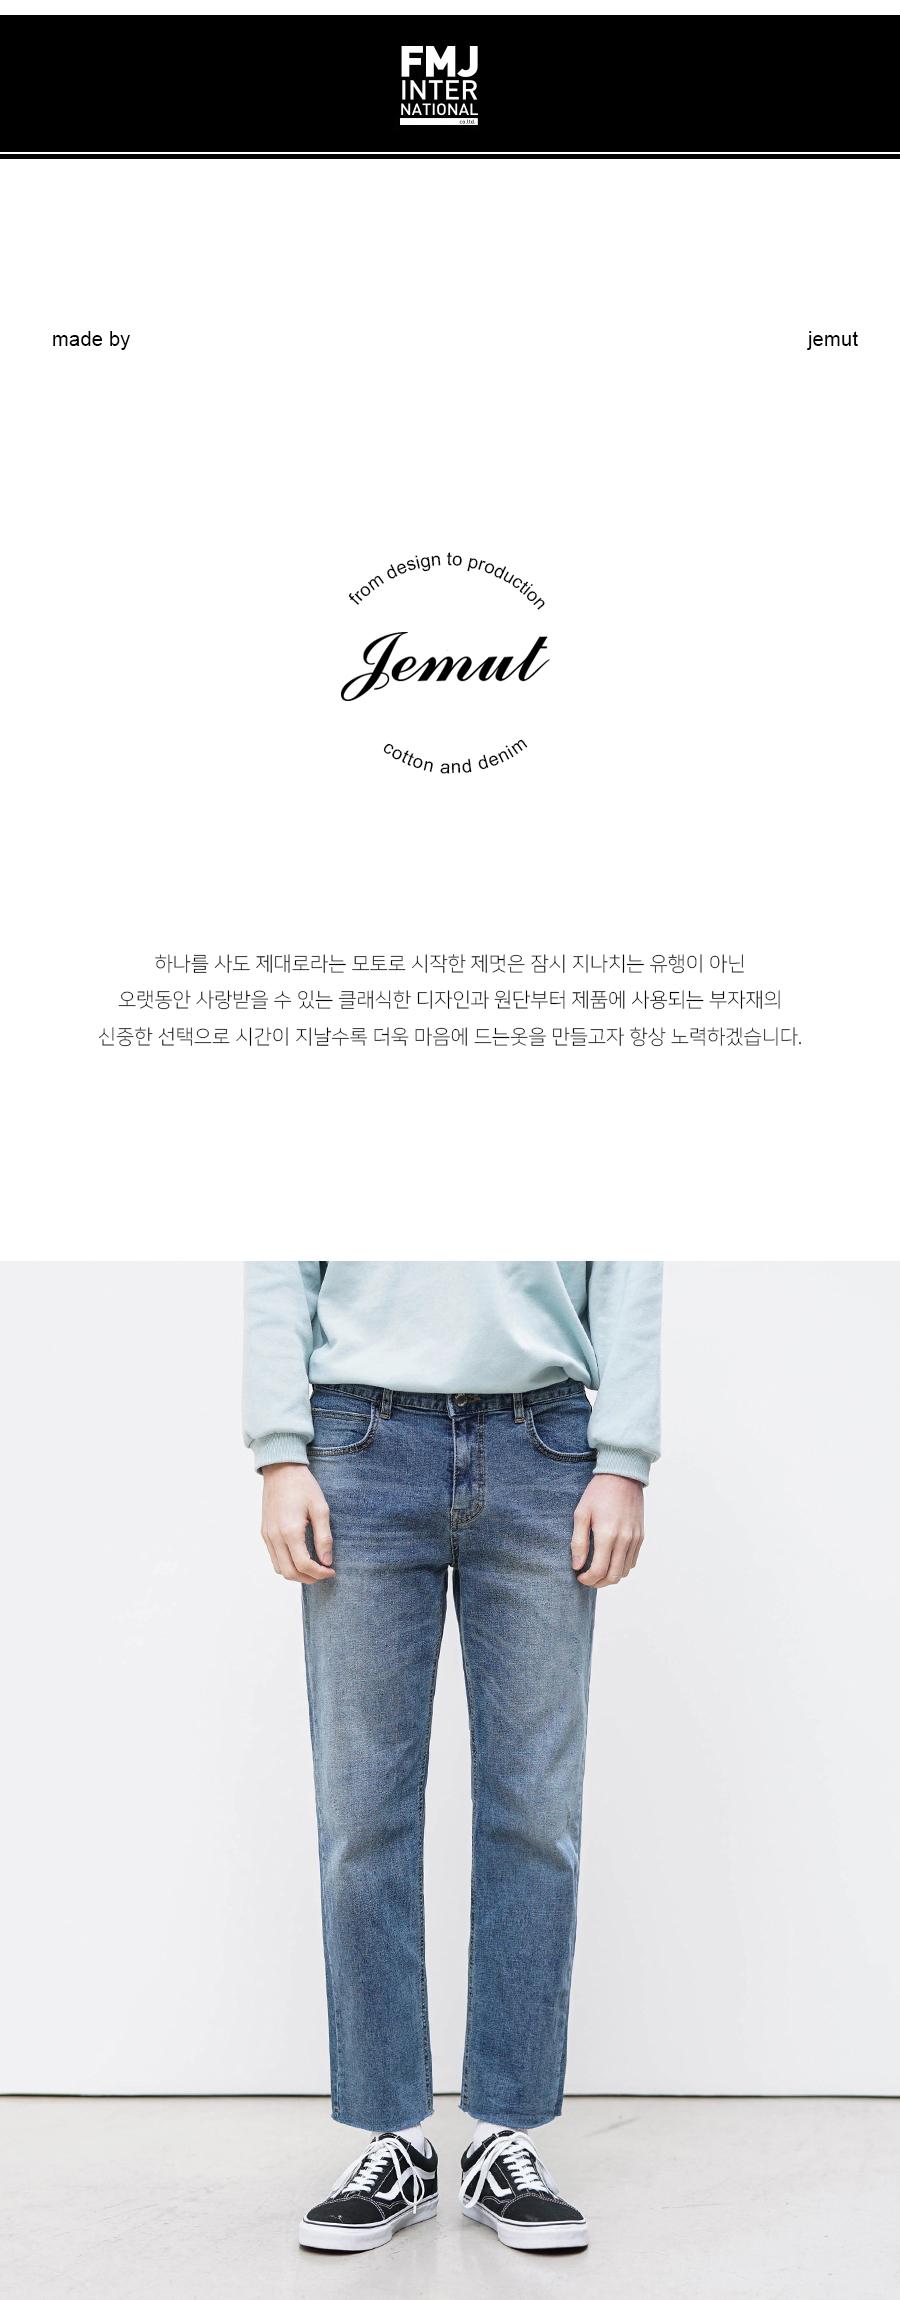 [제멋] 샌드 컷팅 데님팬츠 YHLP2167